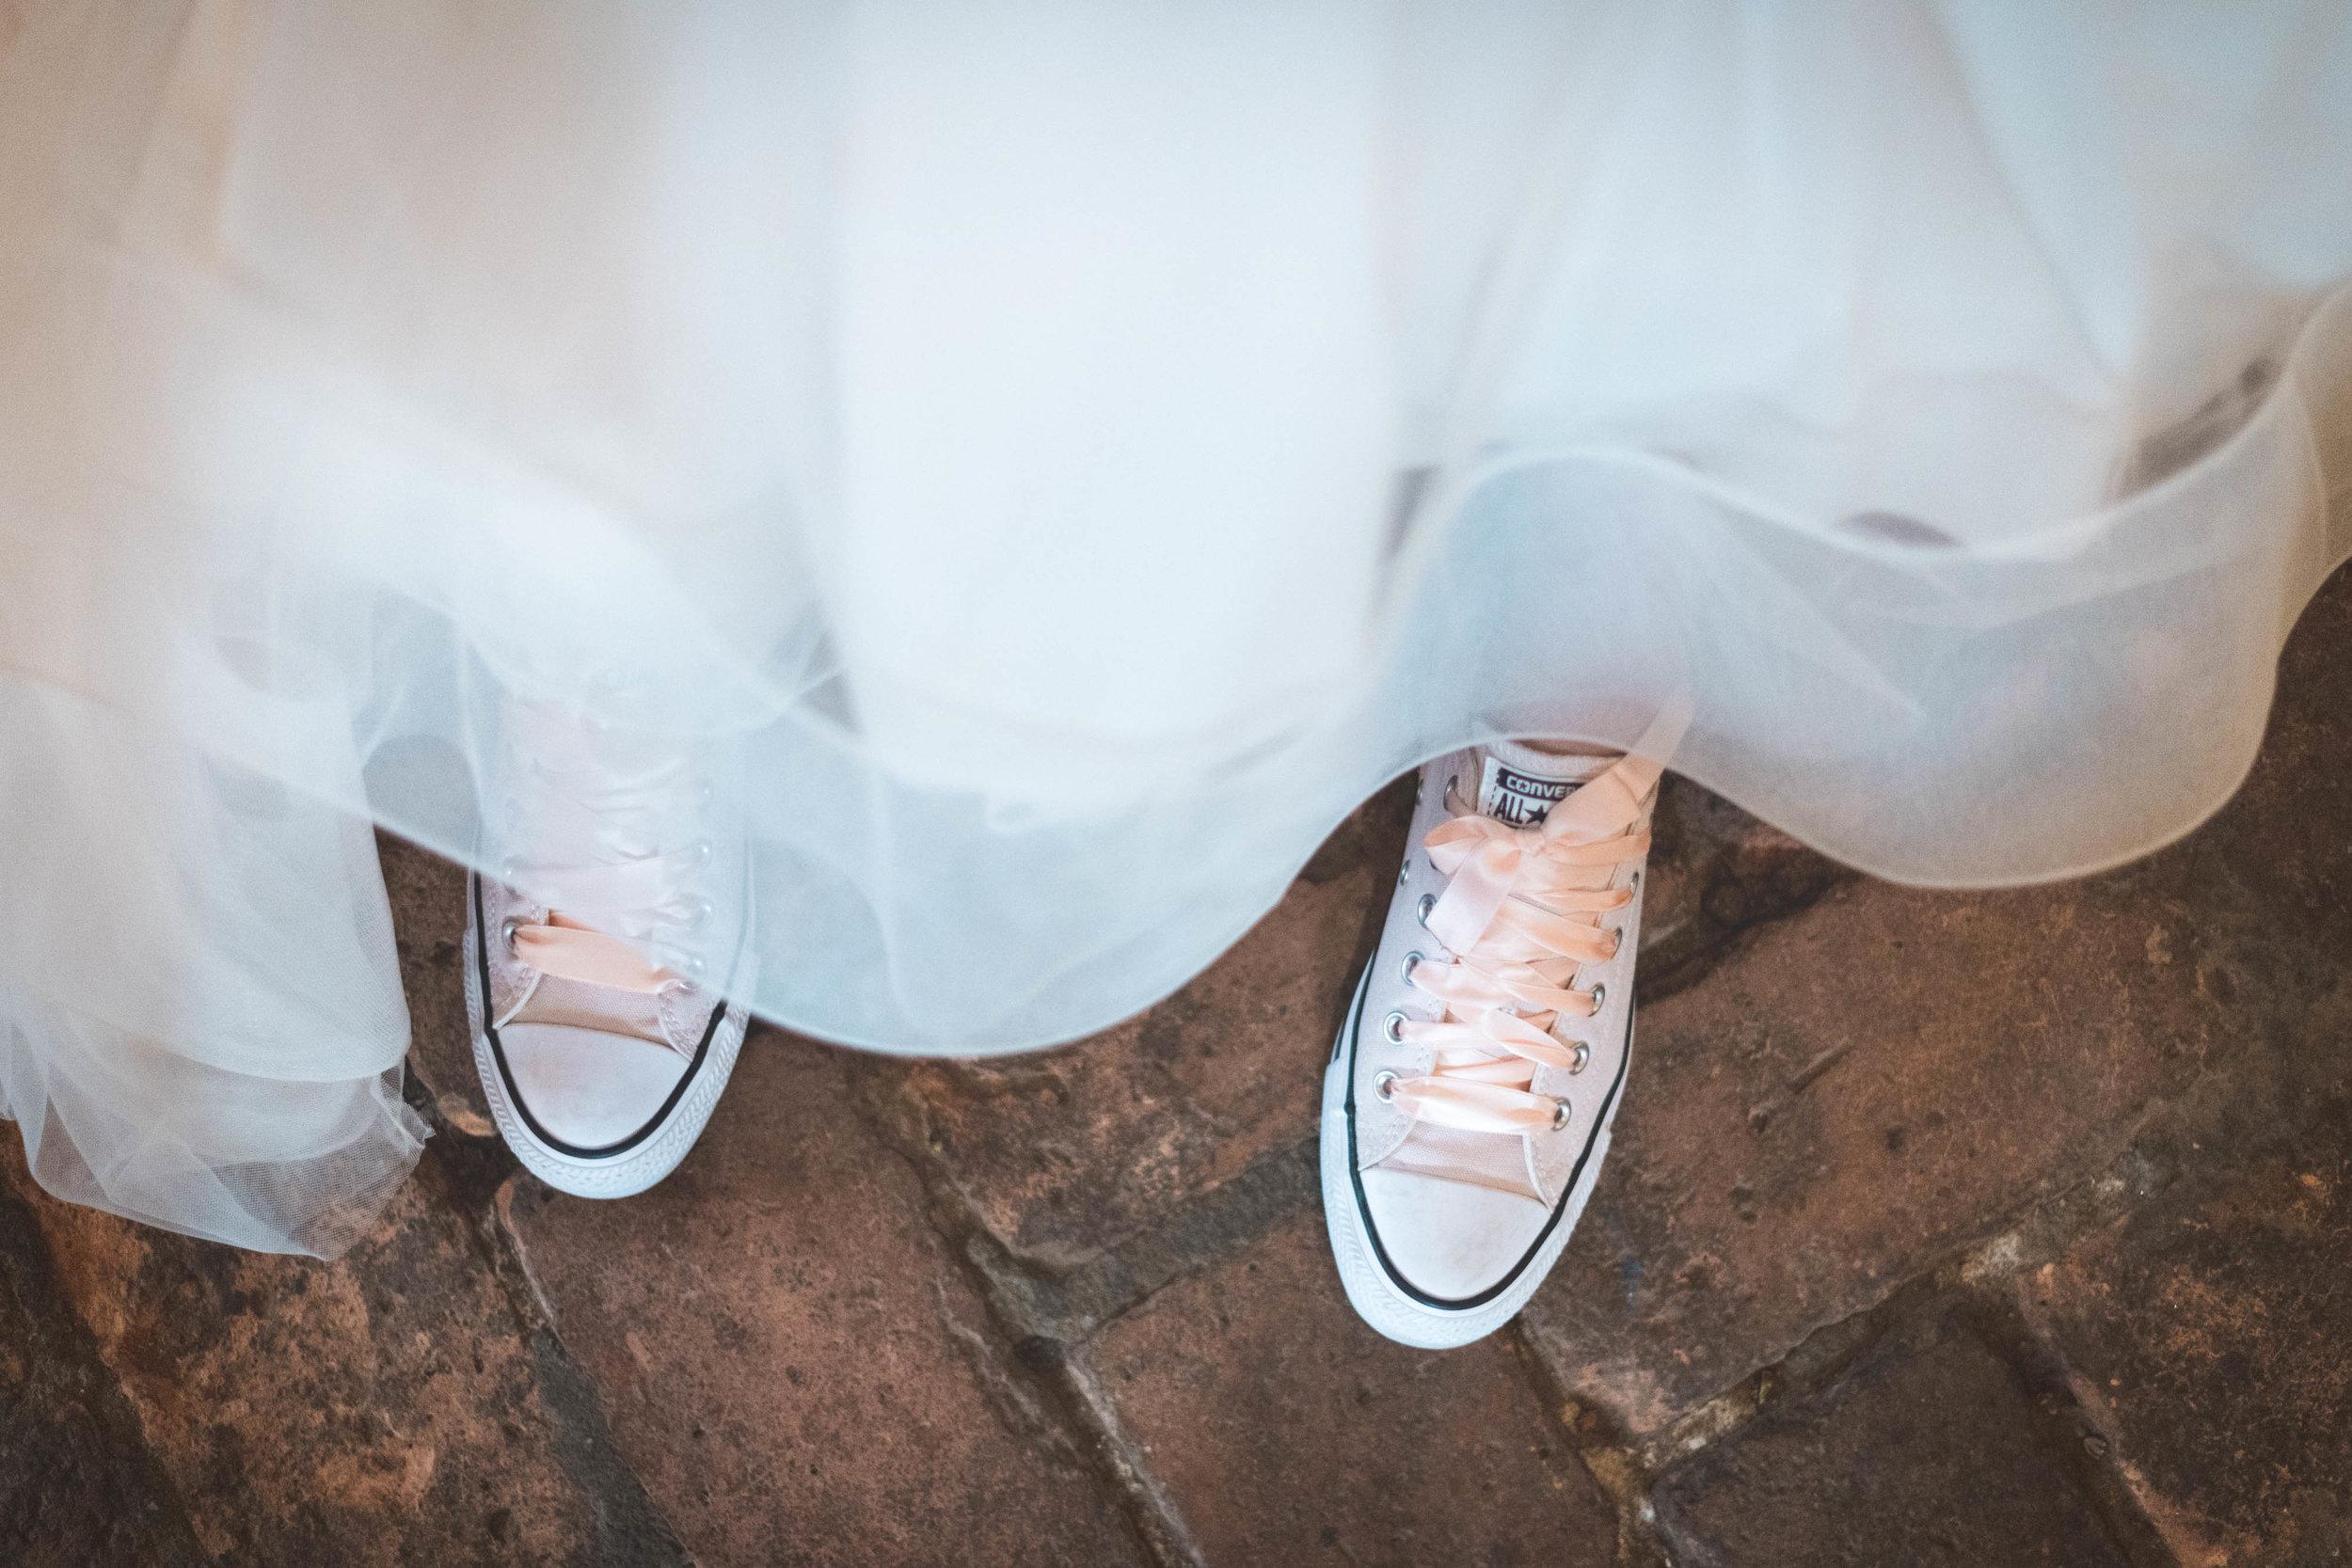 Deze bruid koos ervoor om haar bruidsjurk te combineren met leuke witte converse gympen. Deze leuke details maken jouw bruiloft zo speciaal en zijn dus belangrijk om terug te laten komen in de trouwreportage. Als trouwfotograaf let ik dus goed op dit soort details.